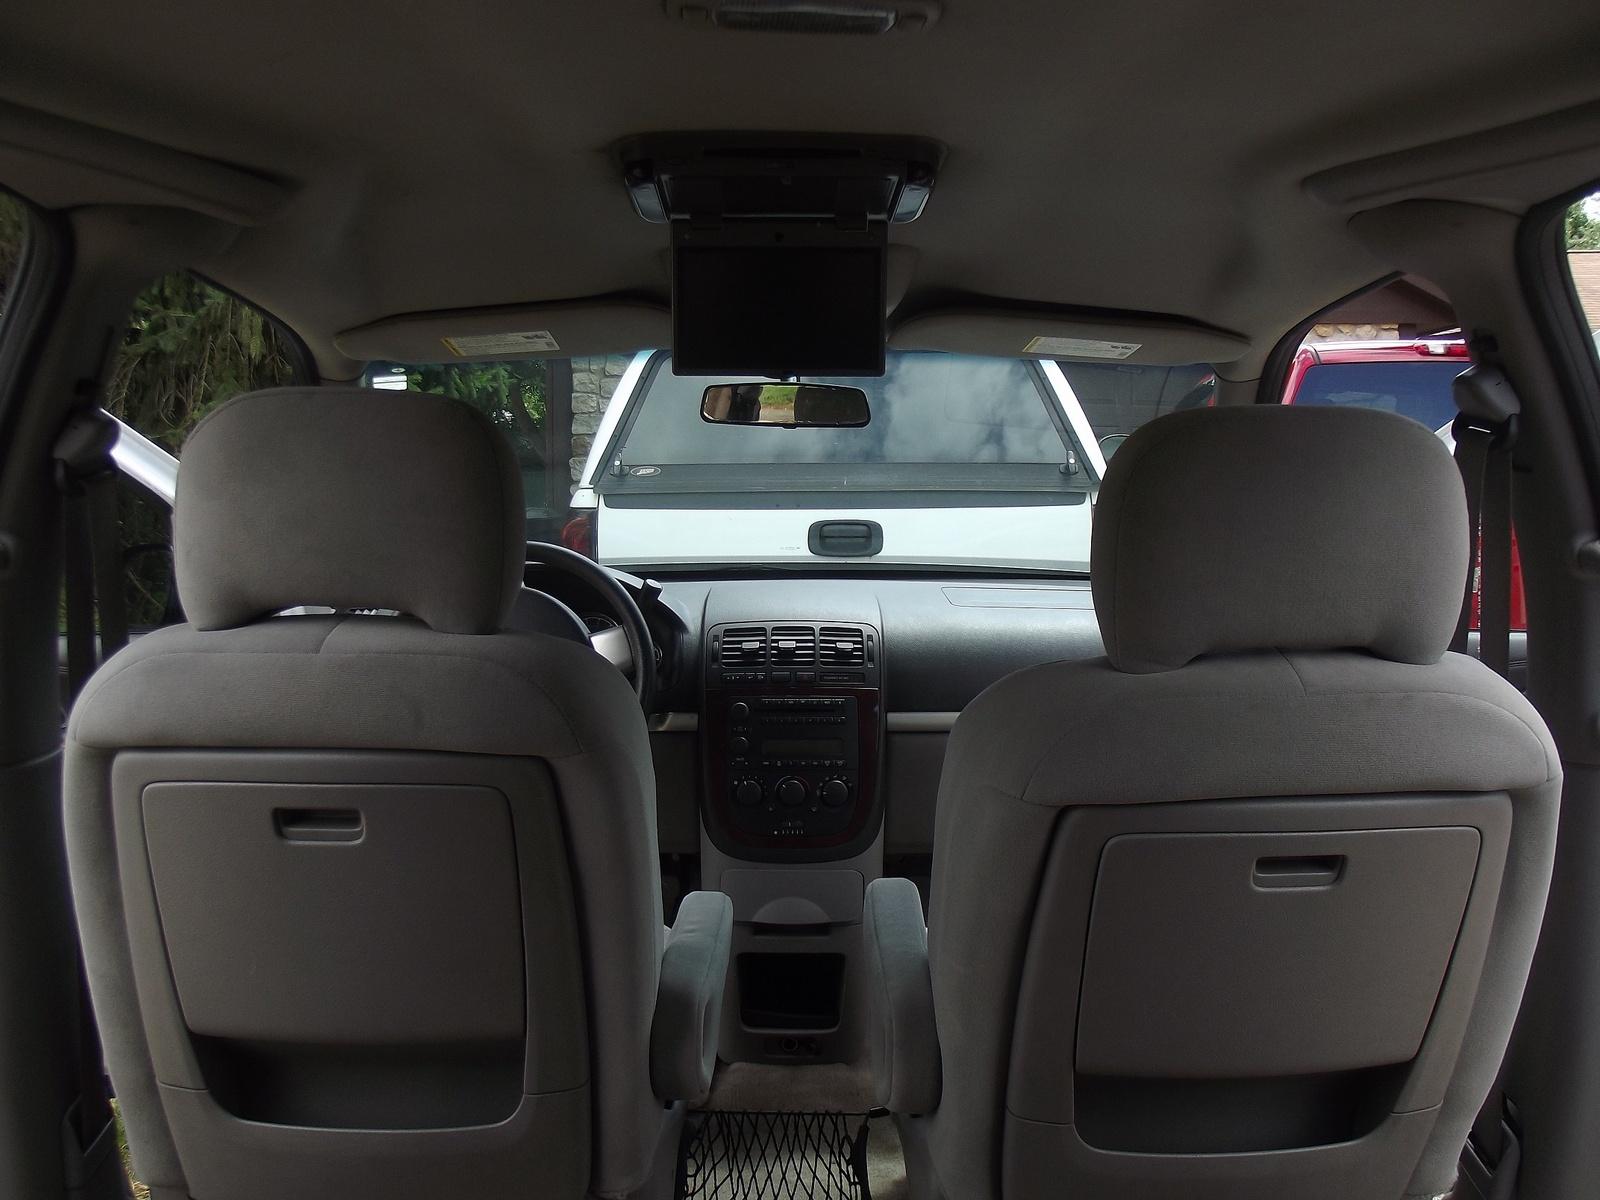 2006 Chevrolet Uplander Interior Pictures Cargurus